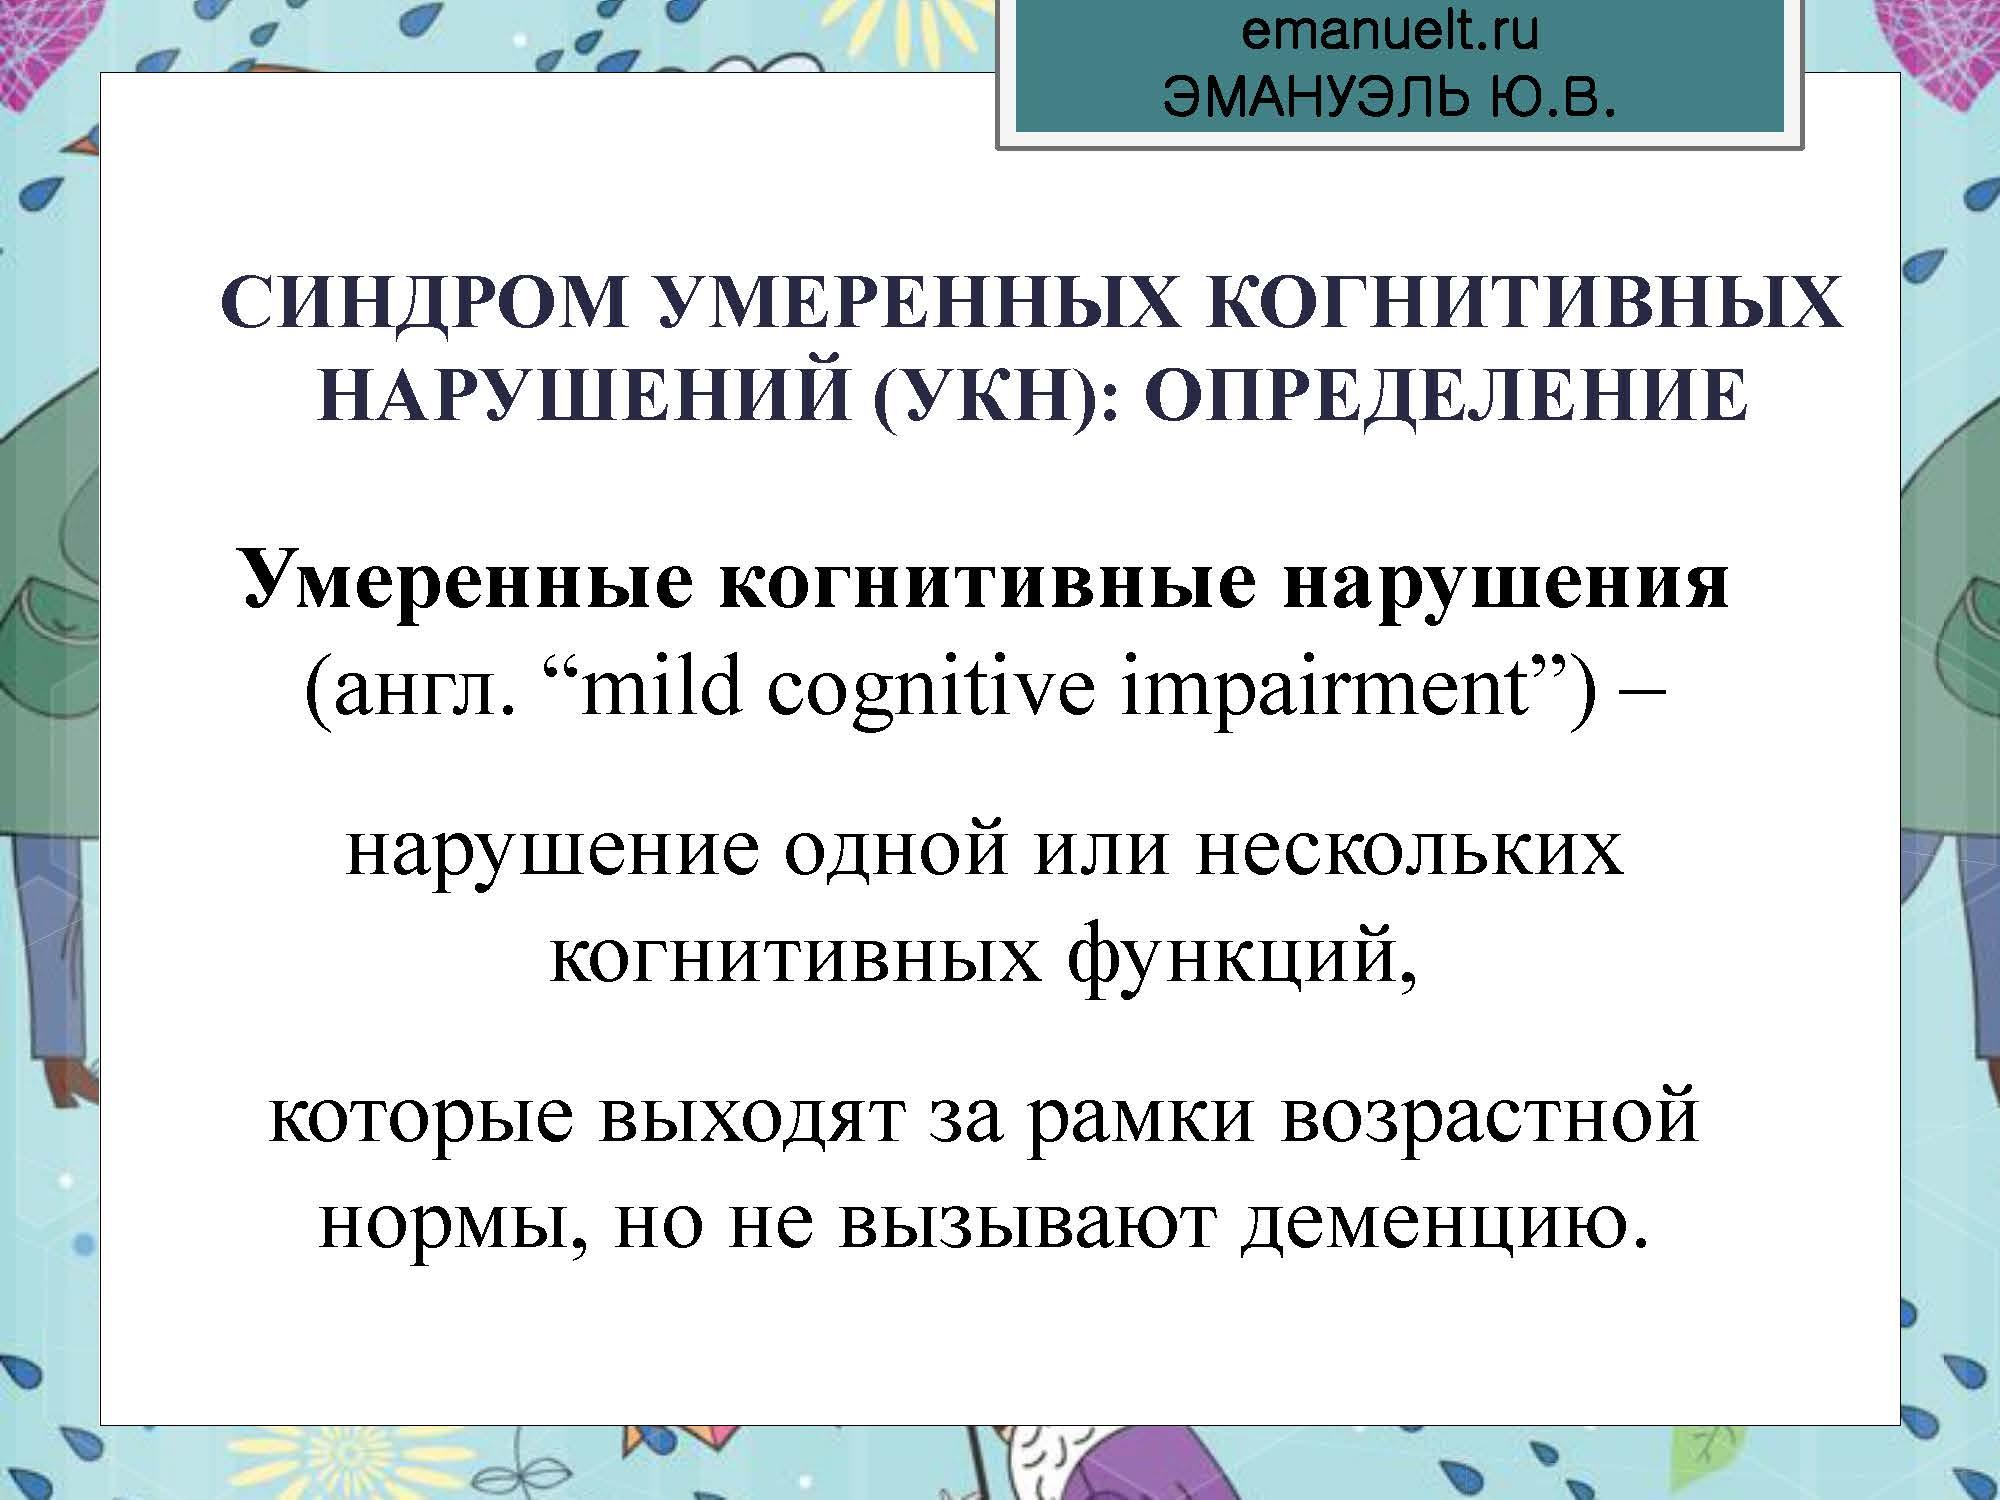 Секция 8. ЭЮВ. СПбГМУ.  26.03_Страница_06